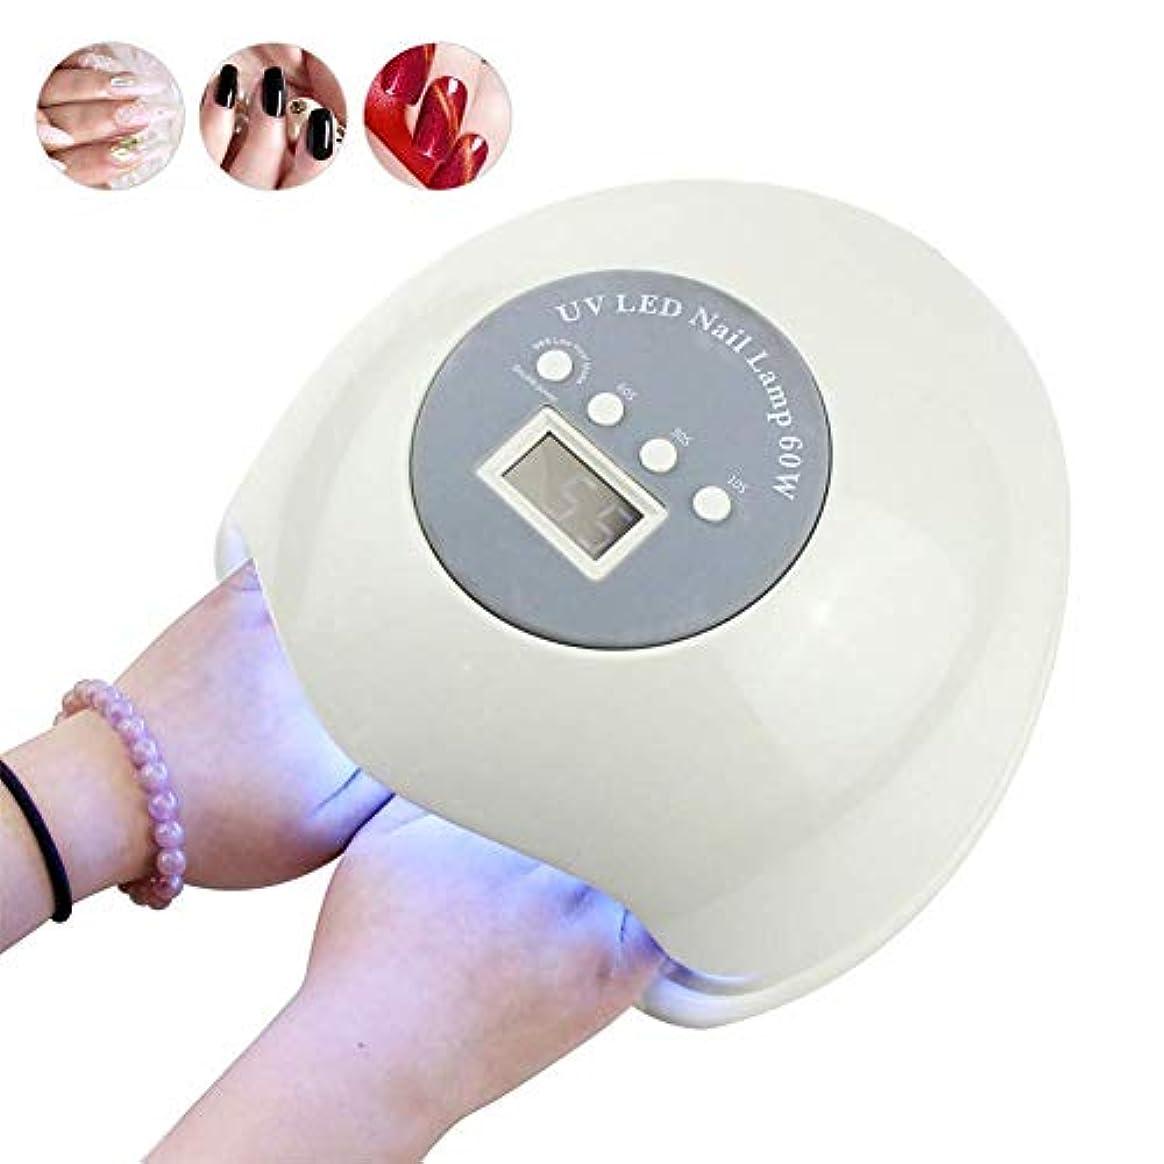 ランクカロリーフォージLedネイルライト60ワットネイルドライヤー硬化uvジェルニスマニキュア乾燥光線療法機で液晶タイマーディスプレイ